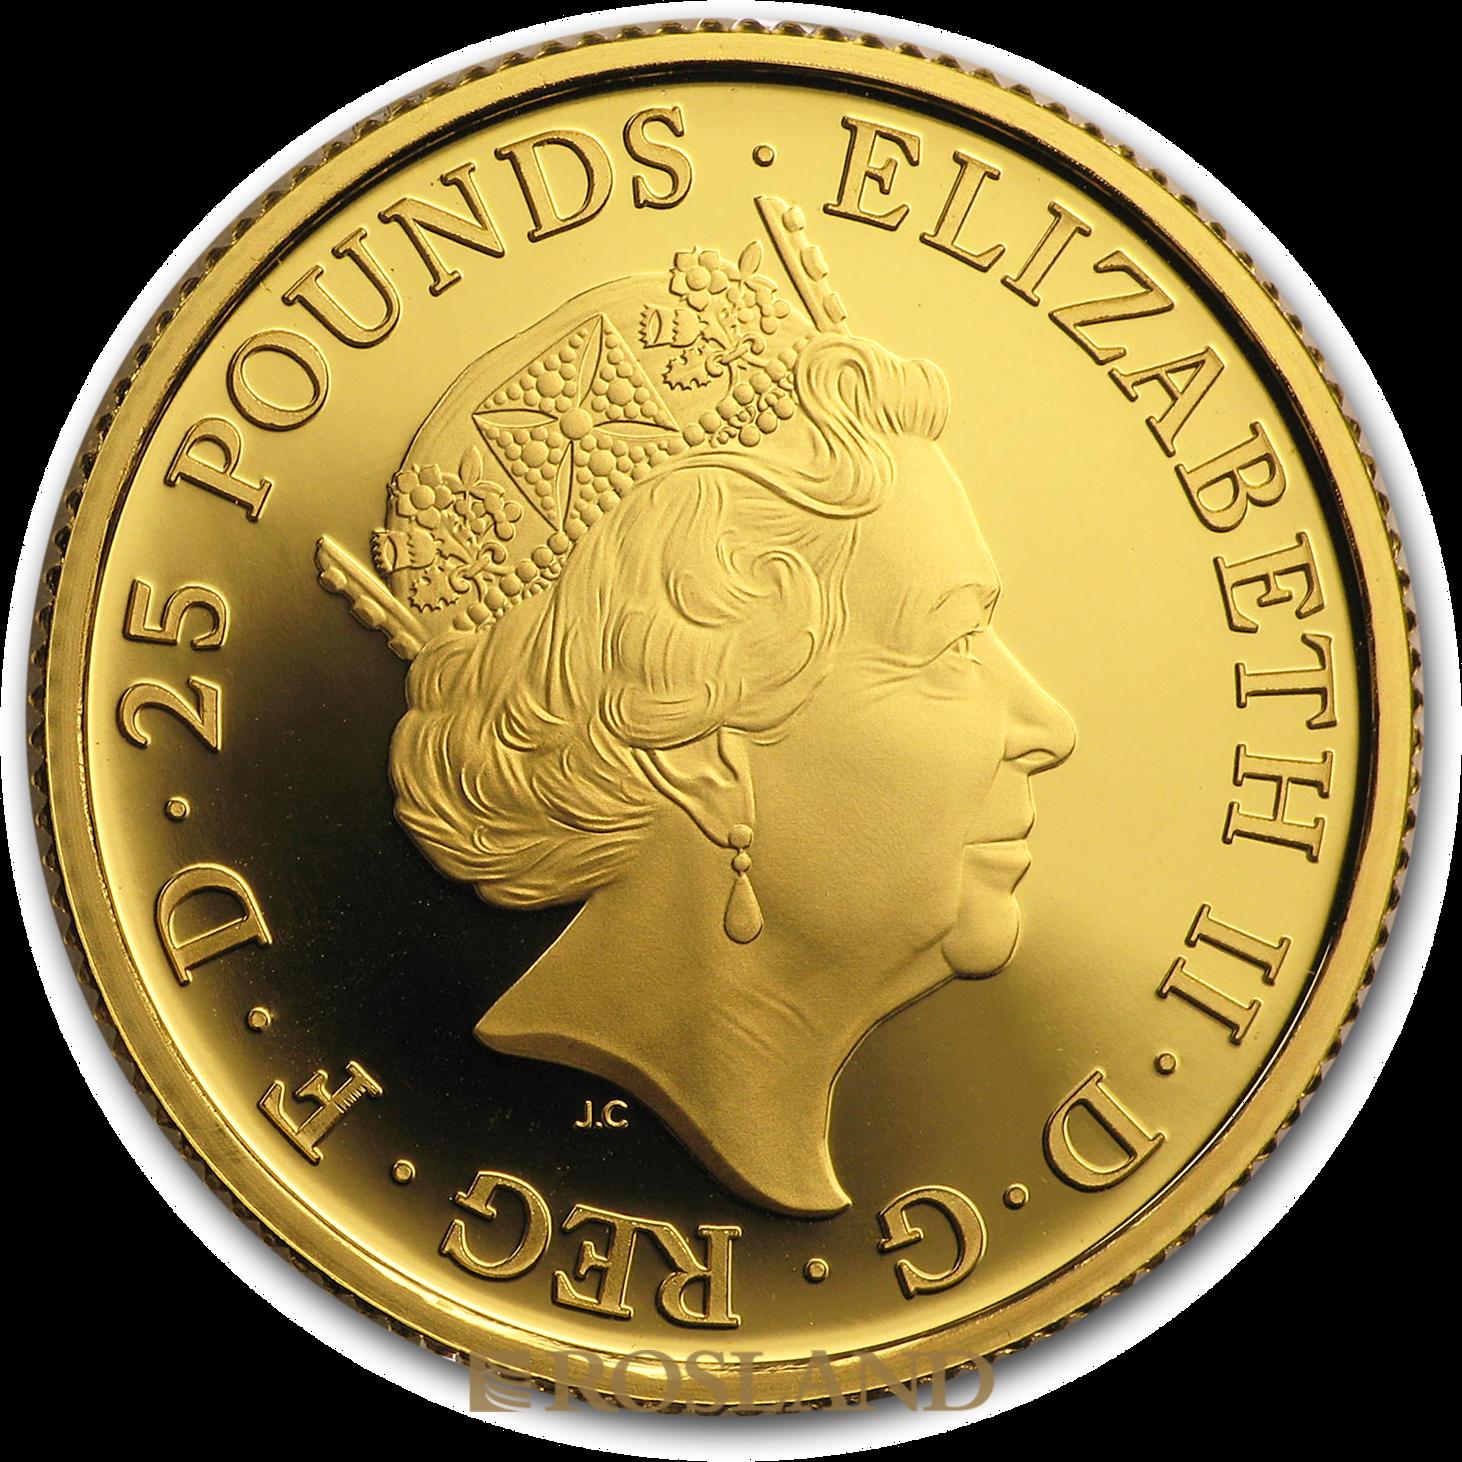 1/4 Unze Goldmünze Queens Beasts Falke 2019 PP (Box, Zertifikat)